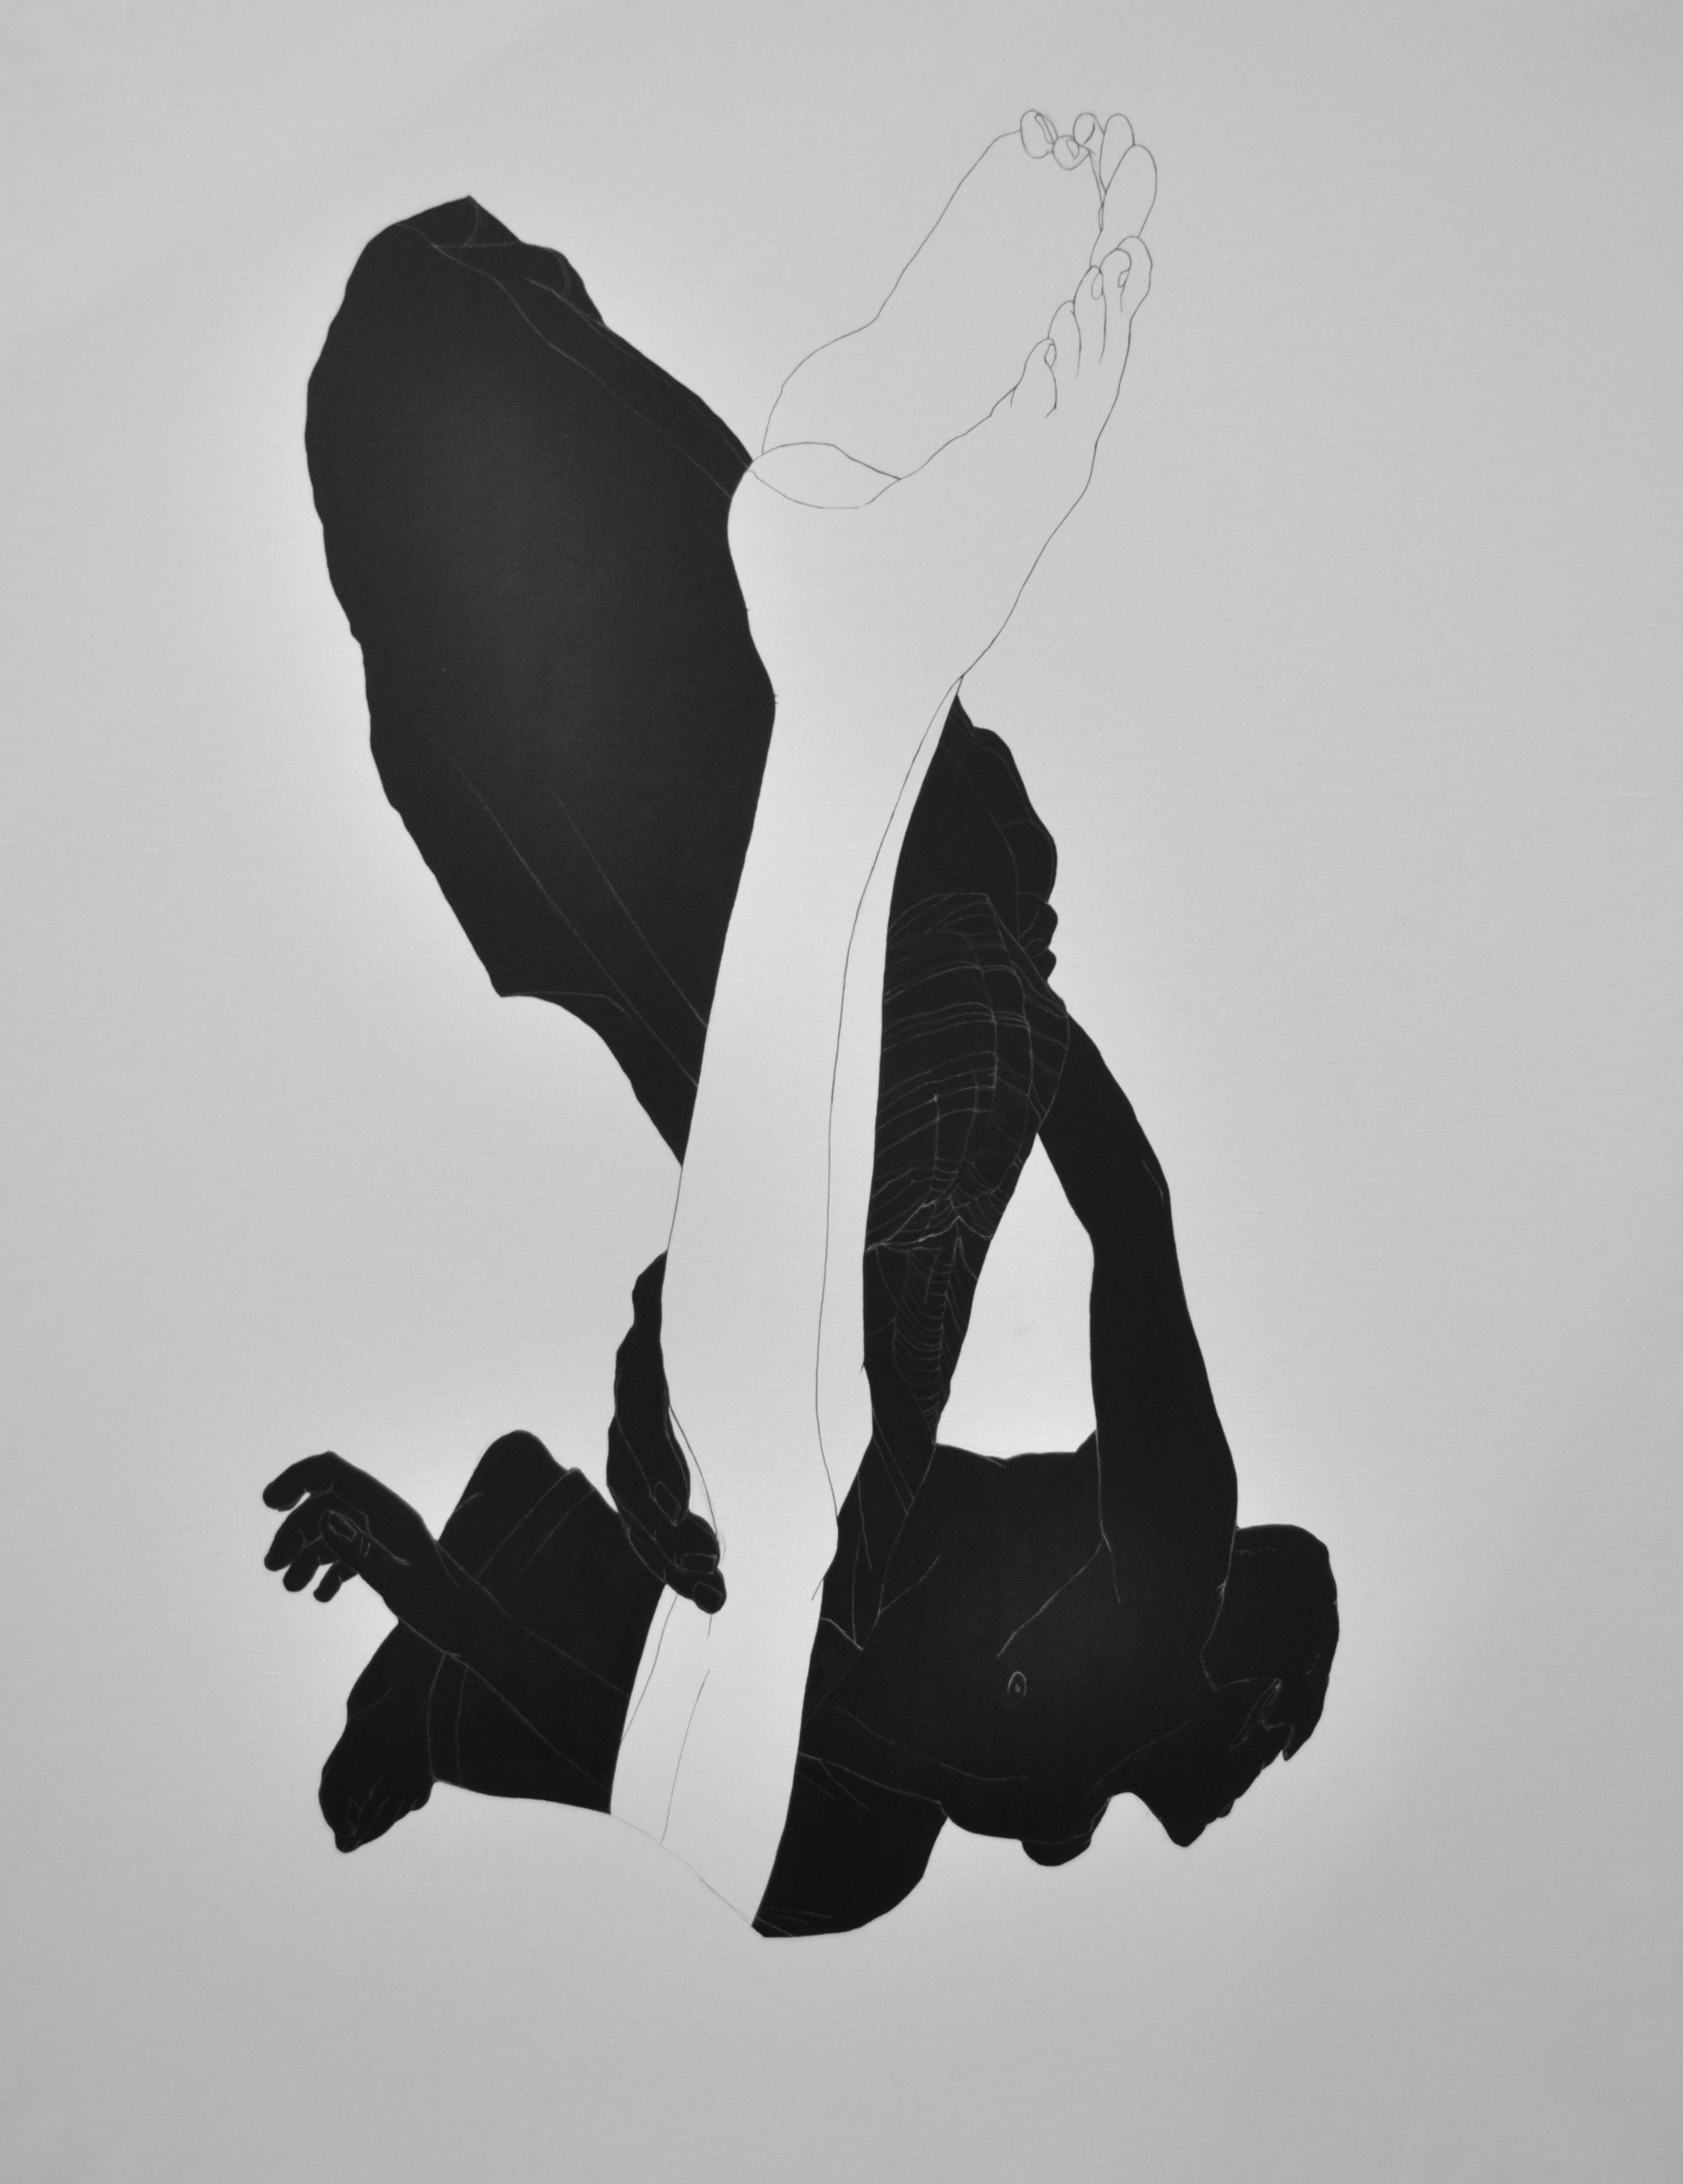 Praneet Soi, Sebastian B/W, 2011, dzięki uprzejmości artysty